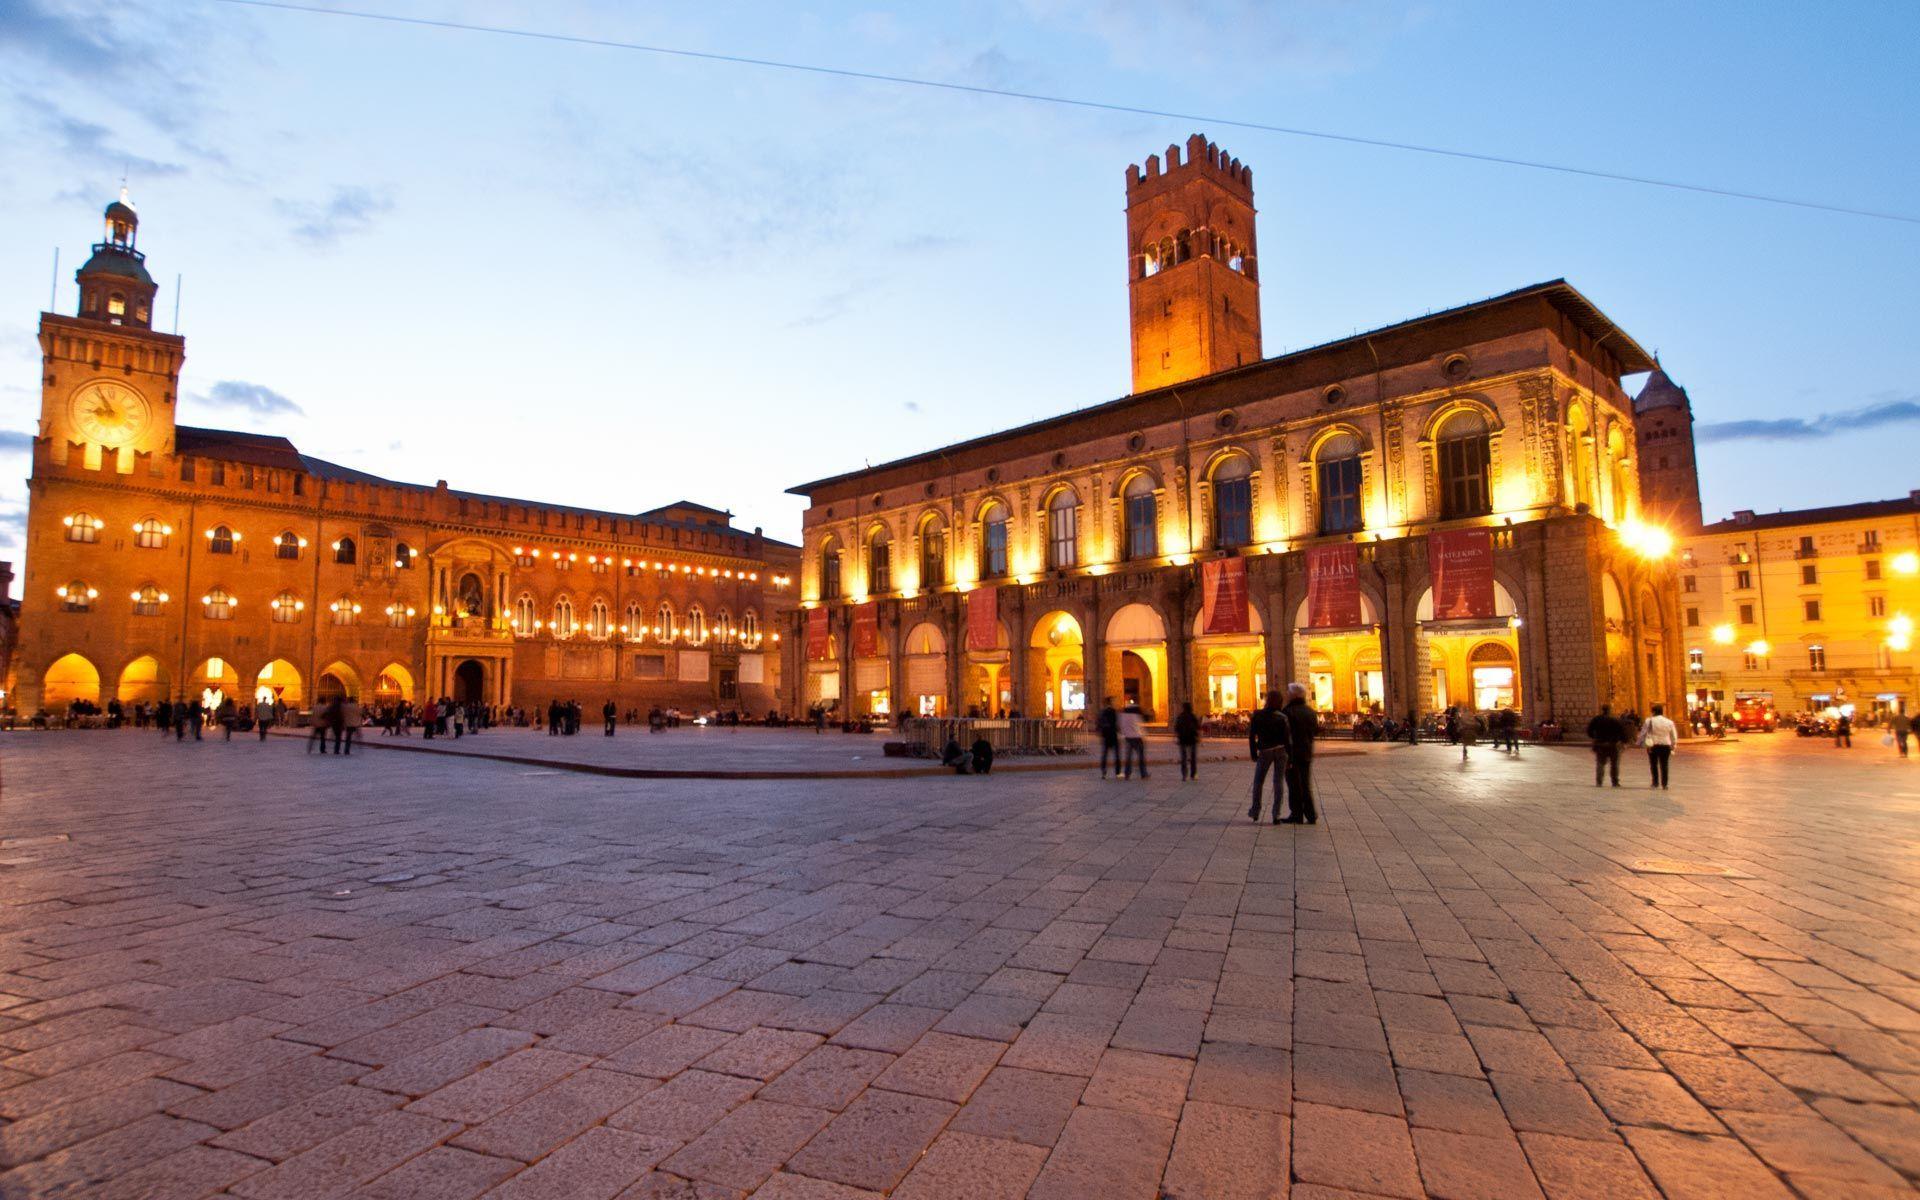 Muoversi in bicicletta, a piedi o col bus a Bologna conviene: in regalo sconti e buoni spesa